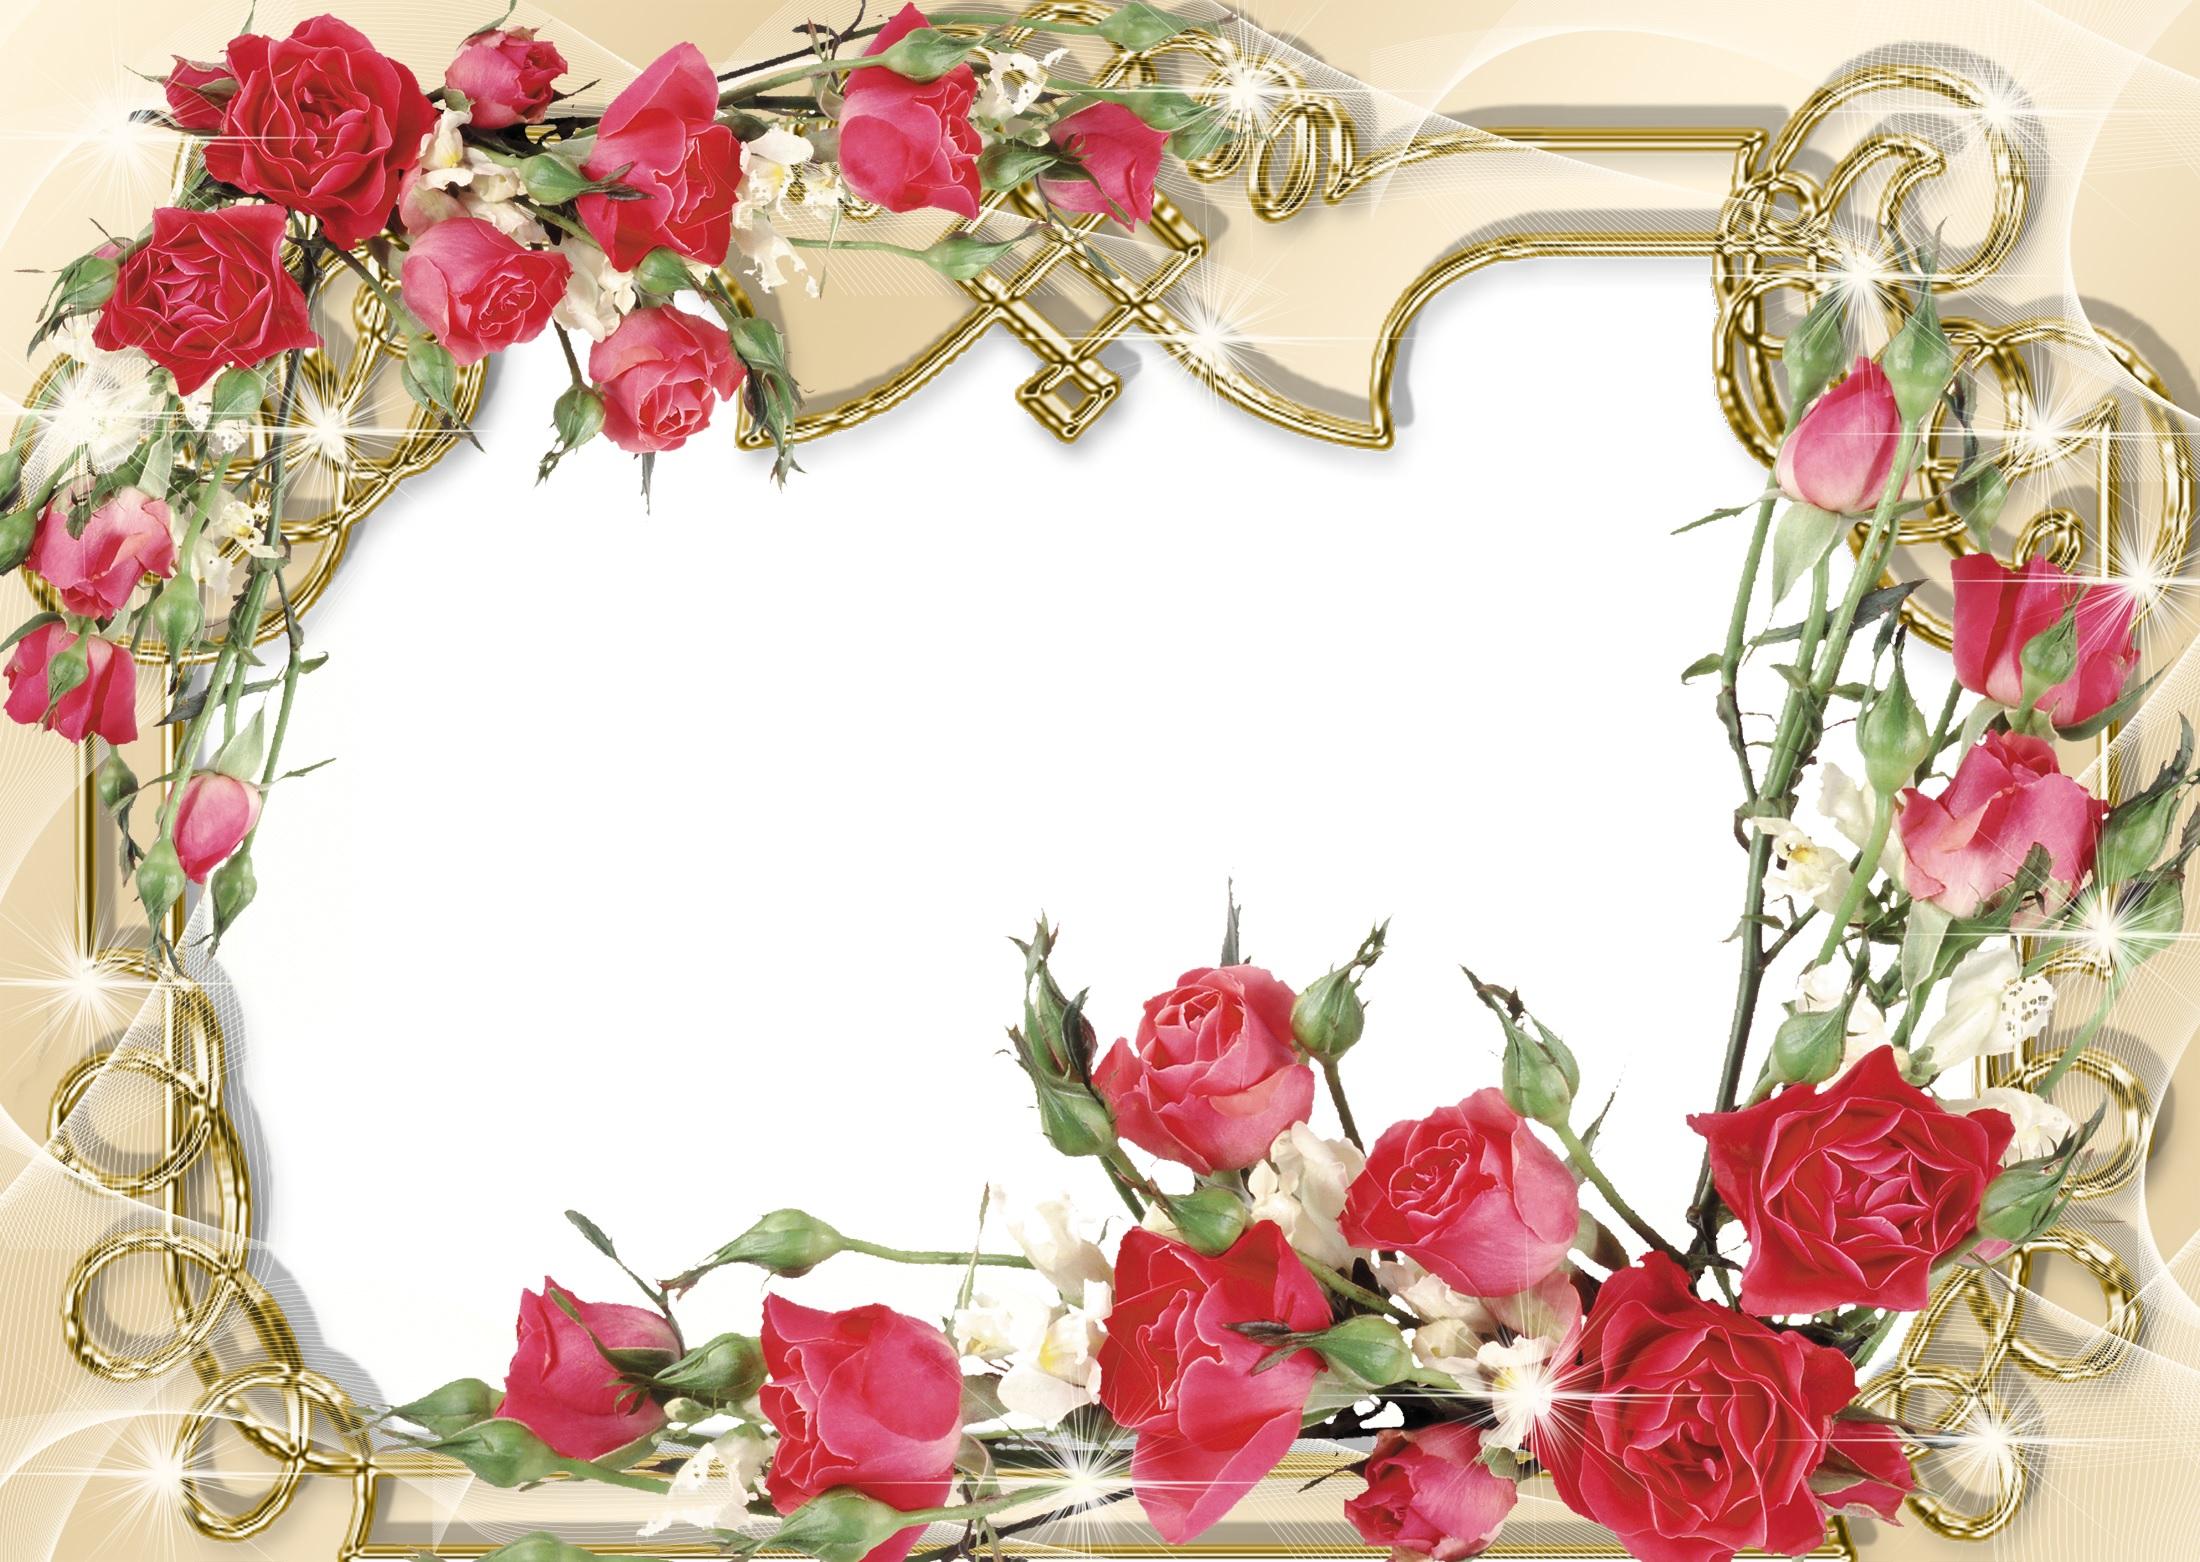 Приветственное поздравление к 8 марта